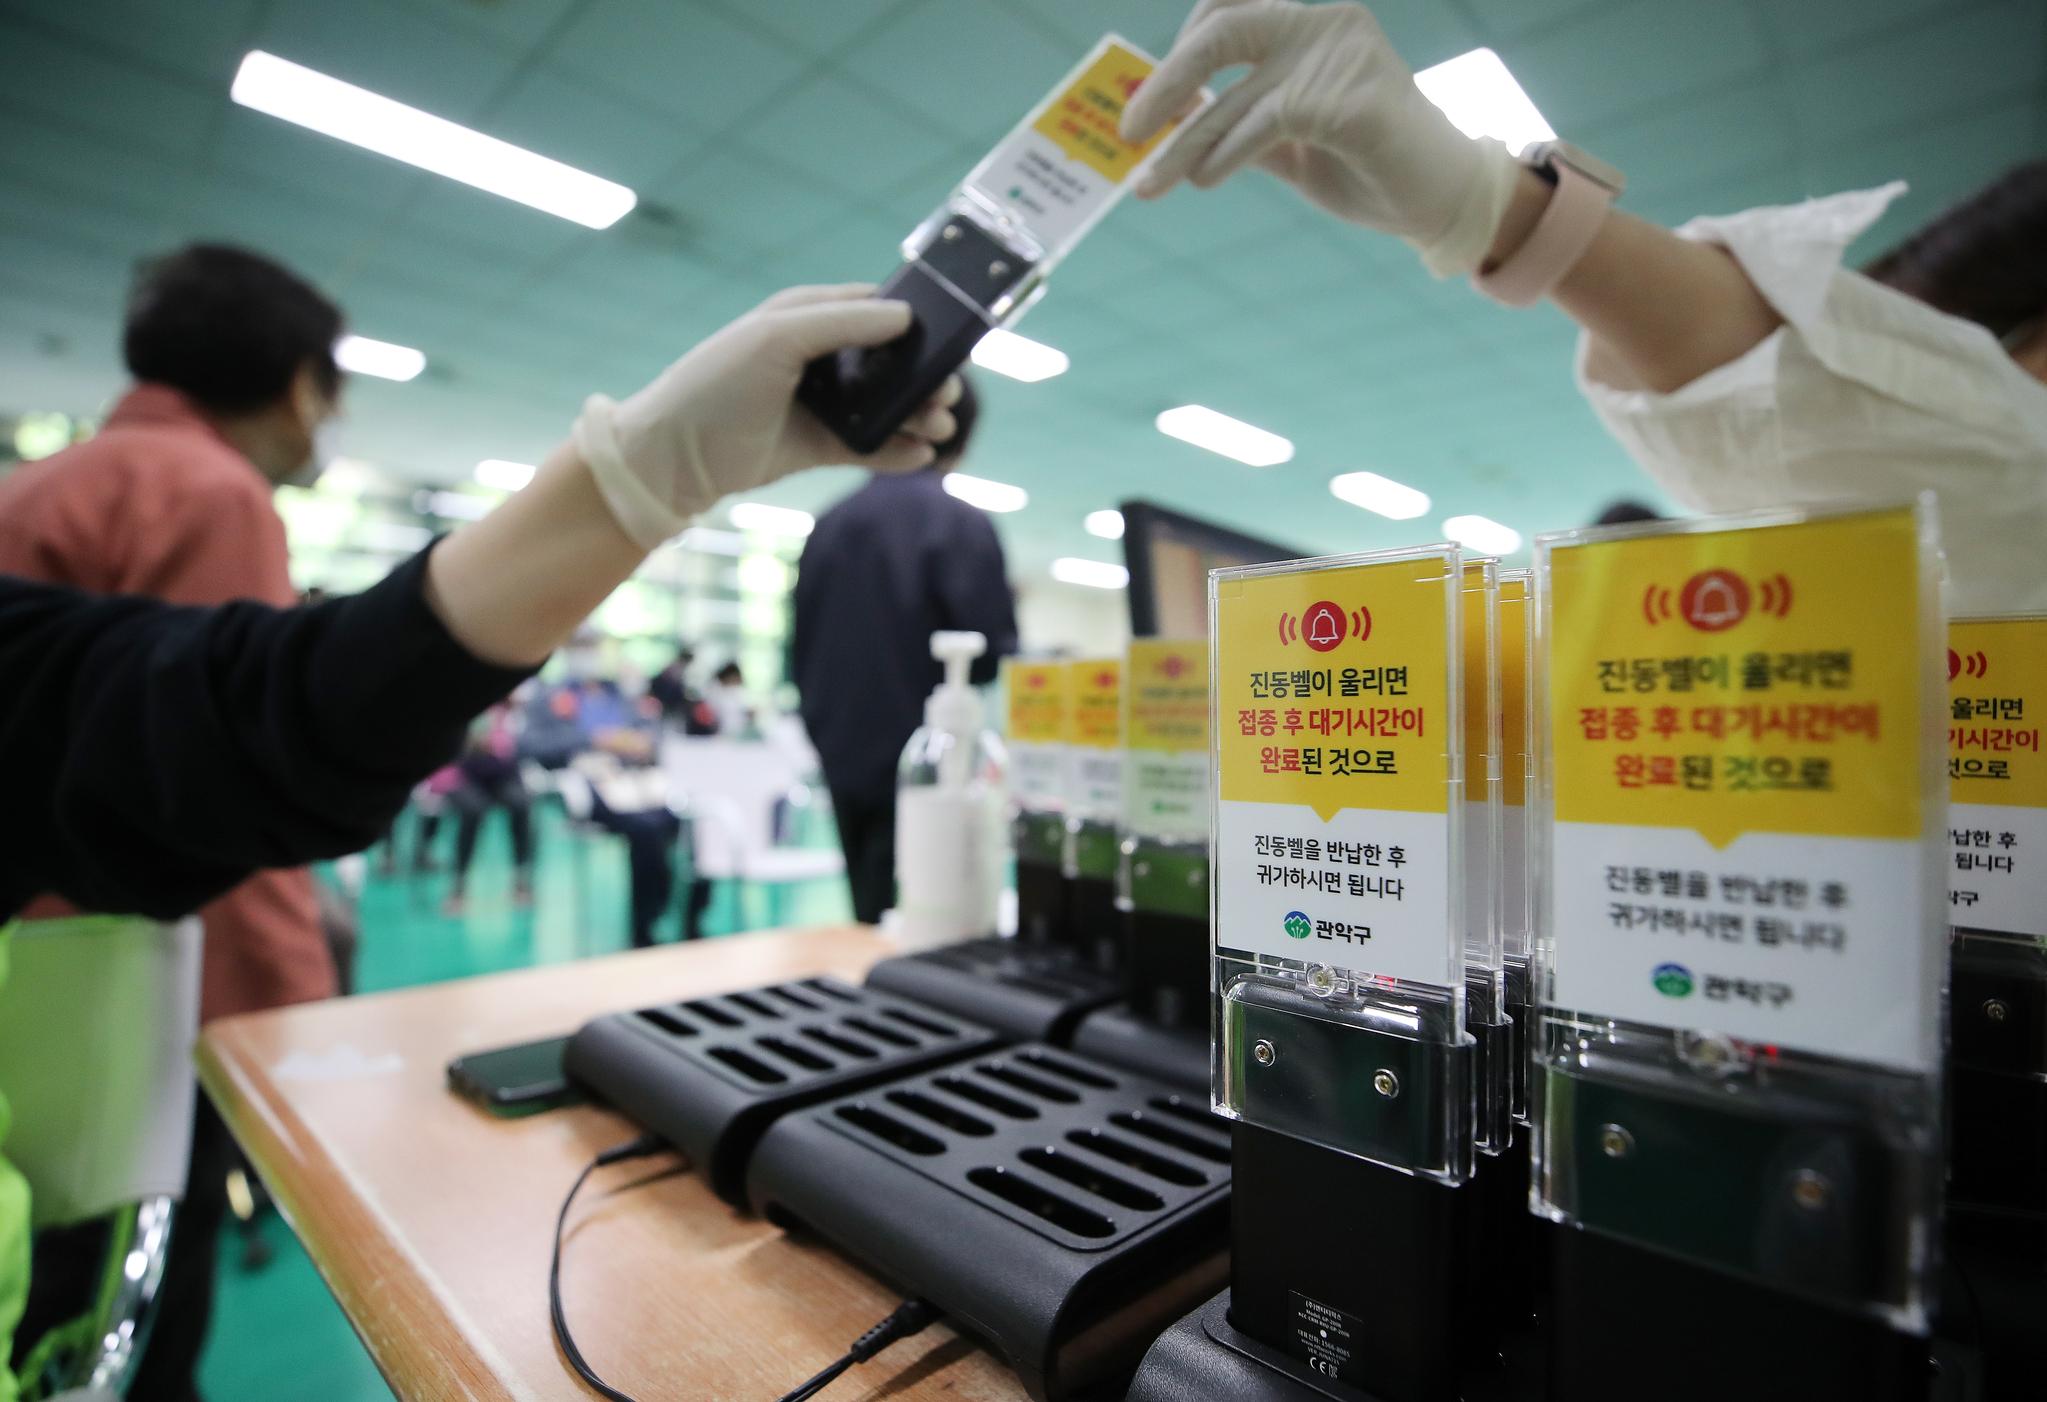 지난 7일 오후 서울 관악구 코로나19 예방접종센터에서 한 어르신들이 백신(화이자) 접종 이상 반응 관찰을 위해 대기하고 있다. 뉴스1